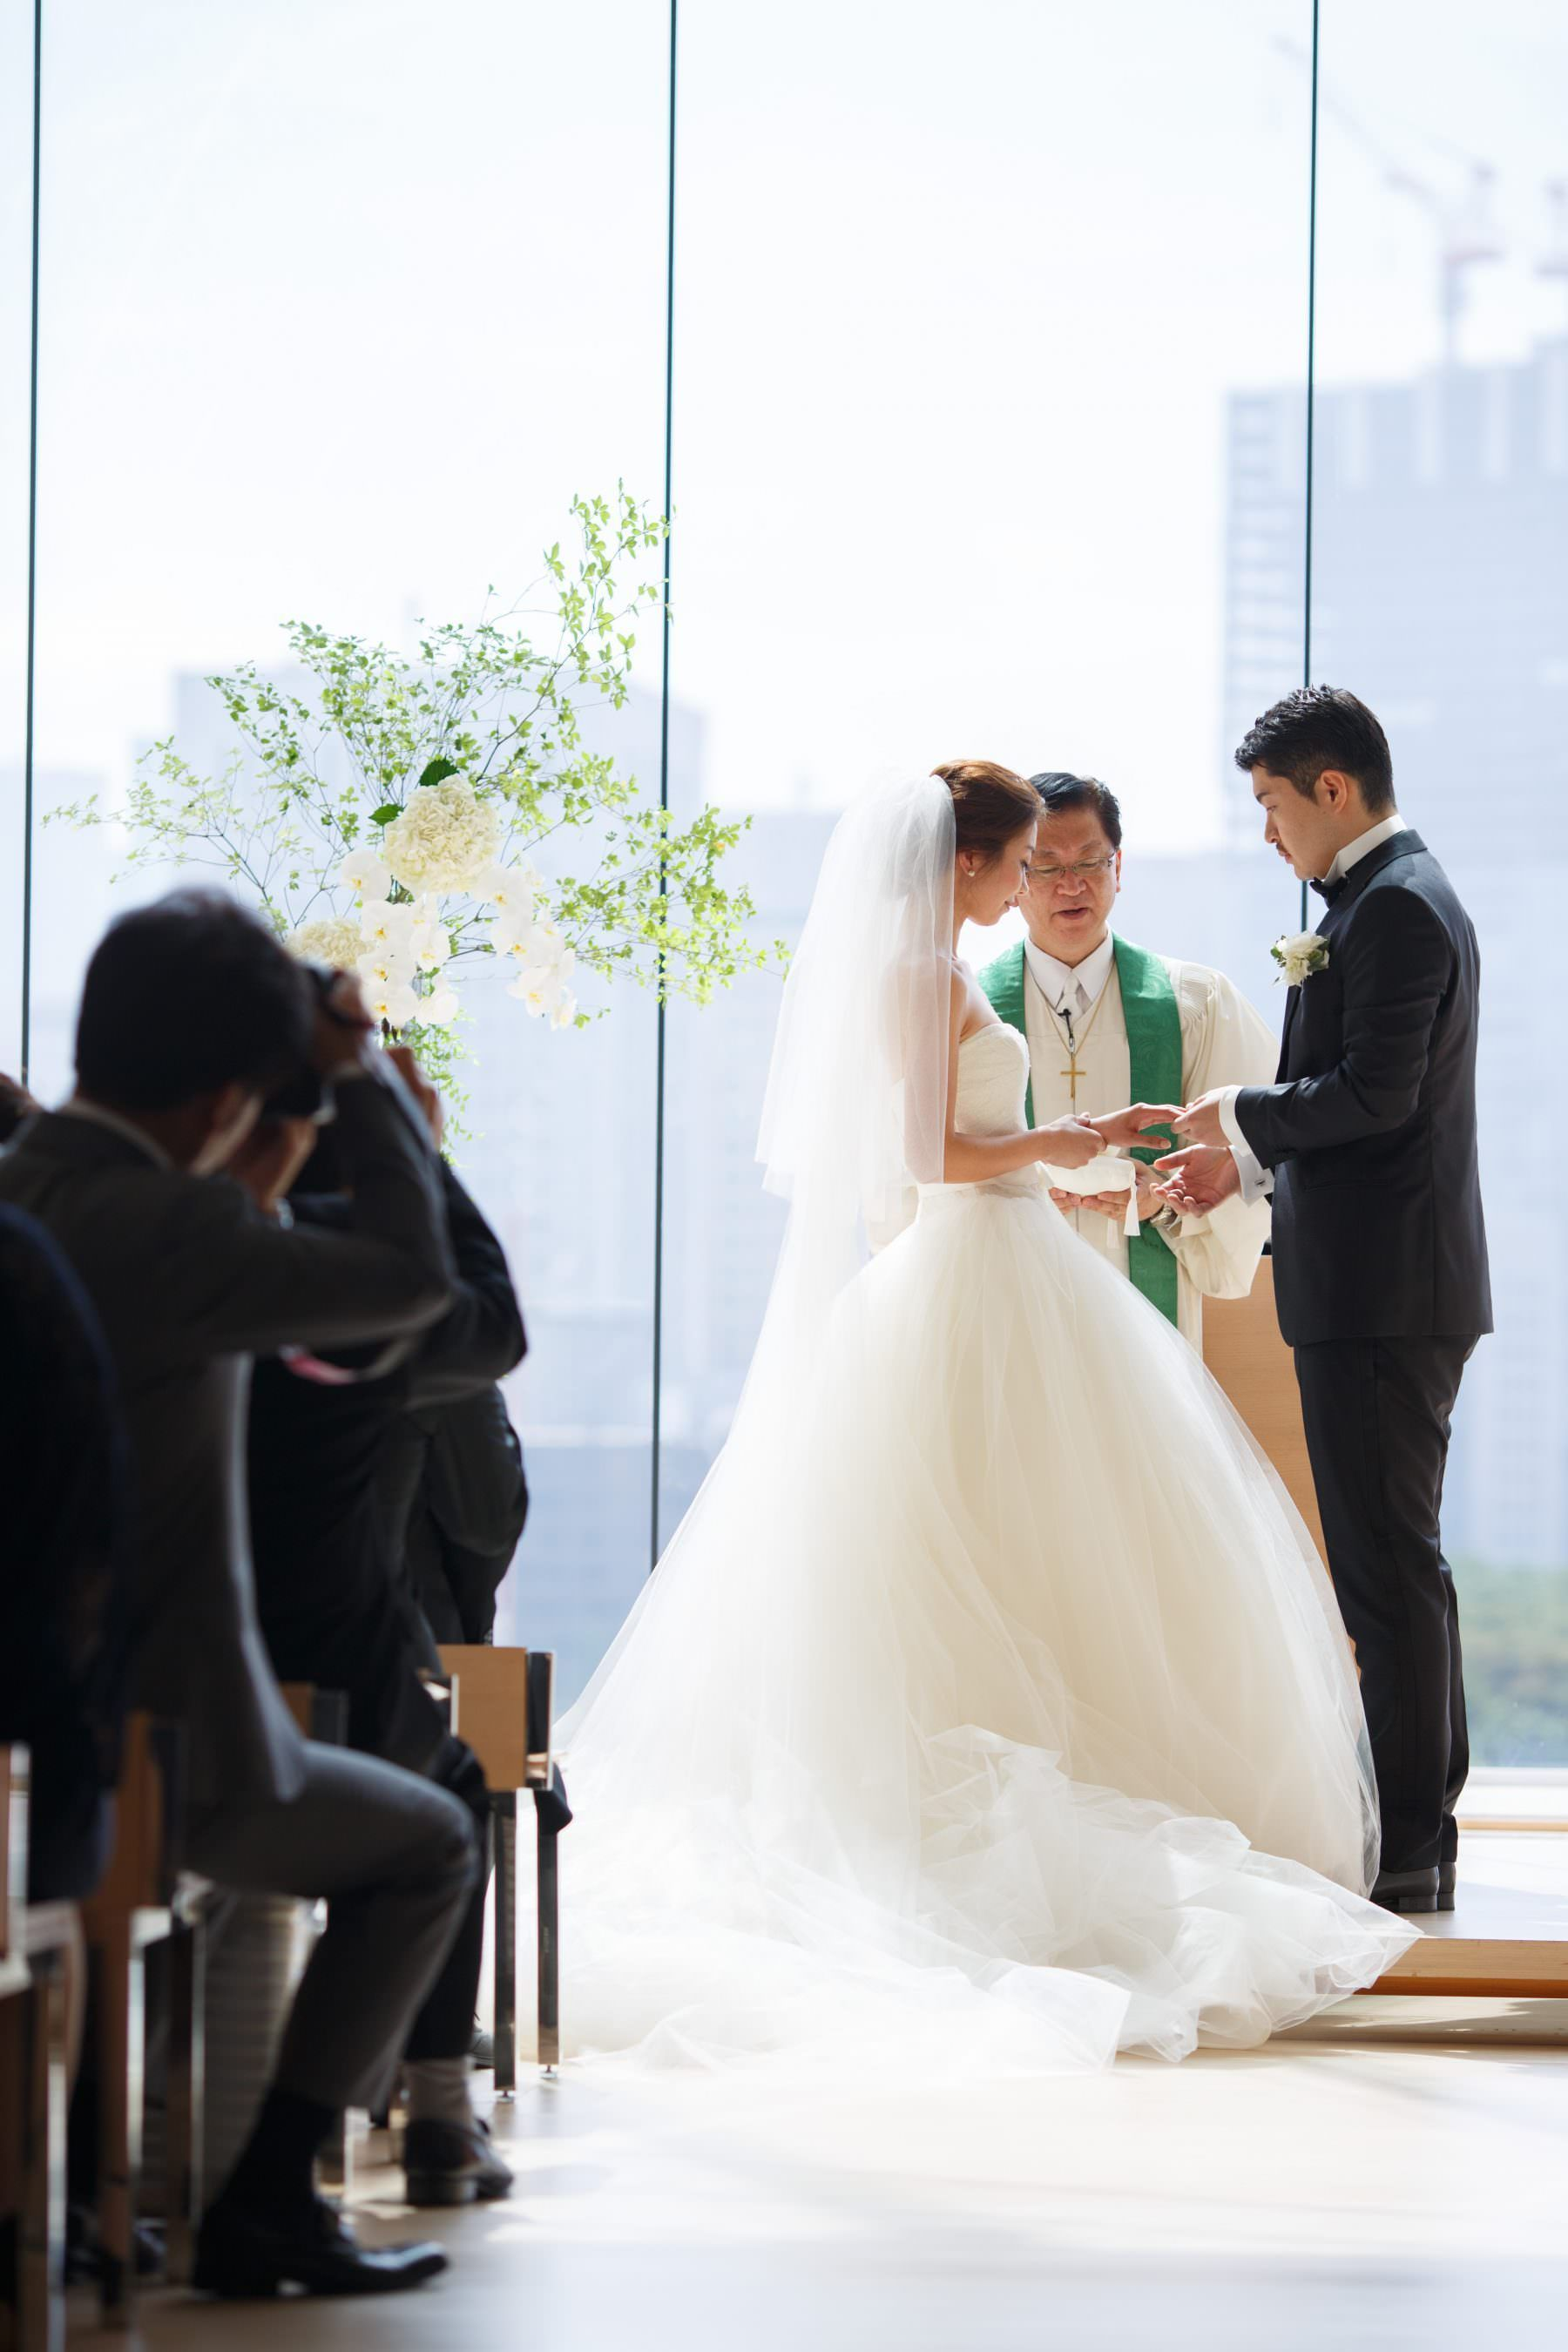 平成29年9月2日挙式 広島の結婚式場 パルテ ザ スタイル オブ ウェディング ユウベル ウェディング 挙式 ウェディングドレス